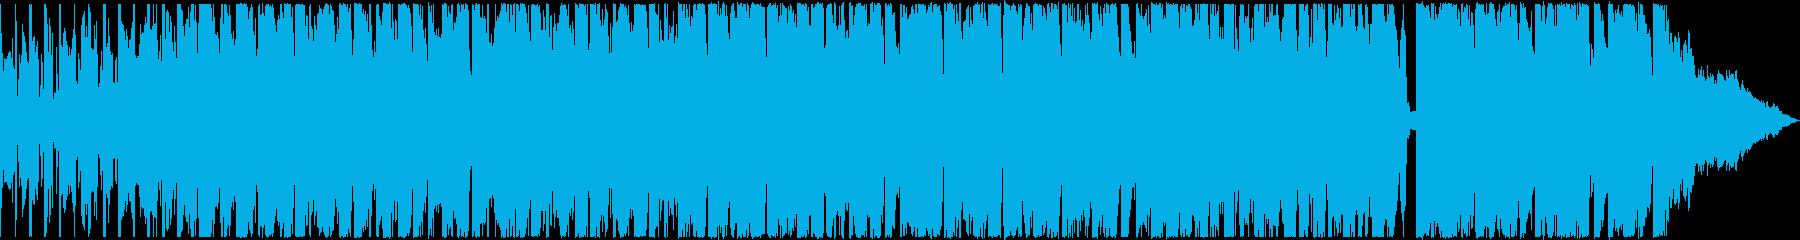 楽しくてパワフルなポップ/エレクト...の再生済みの波形